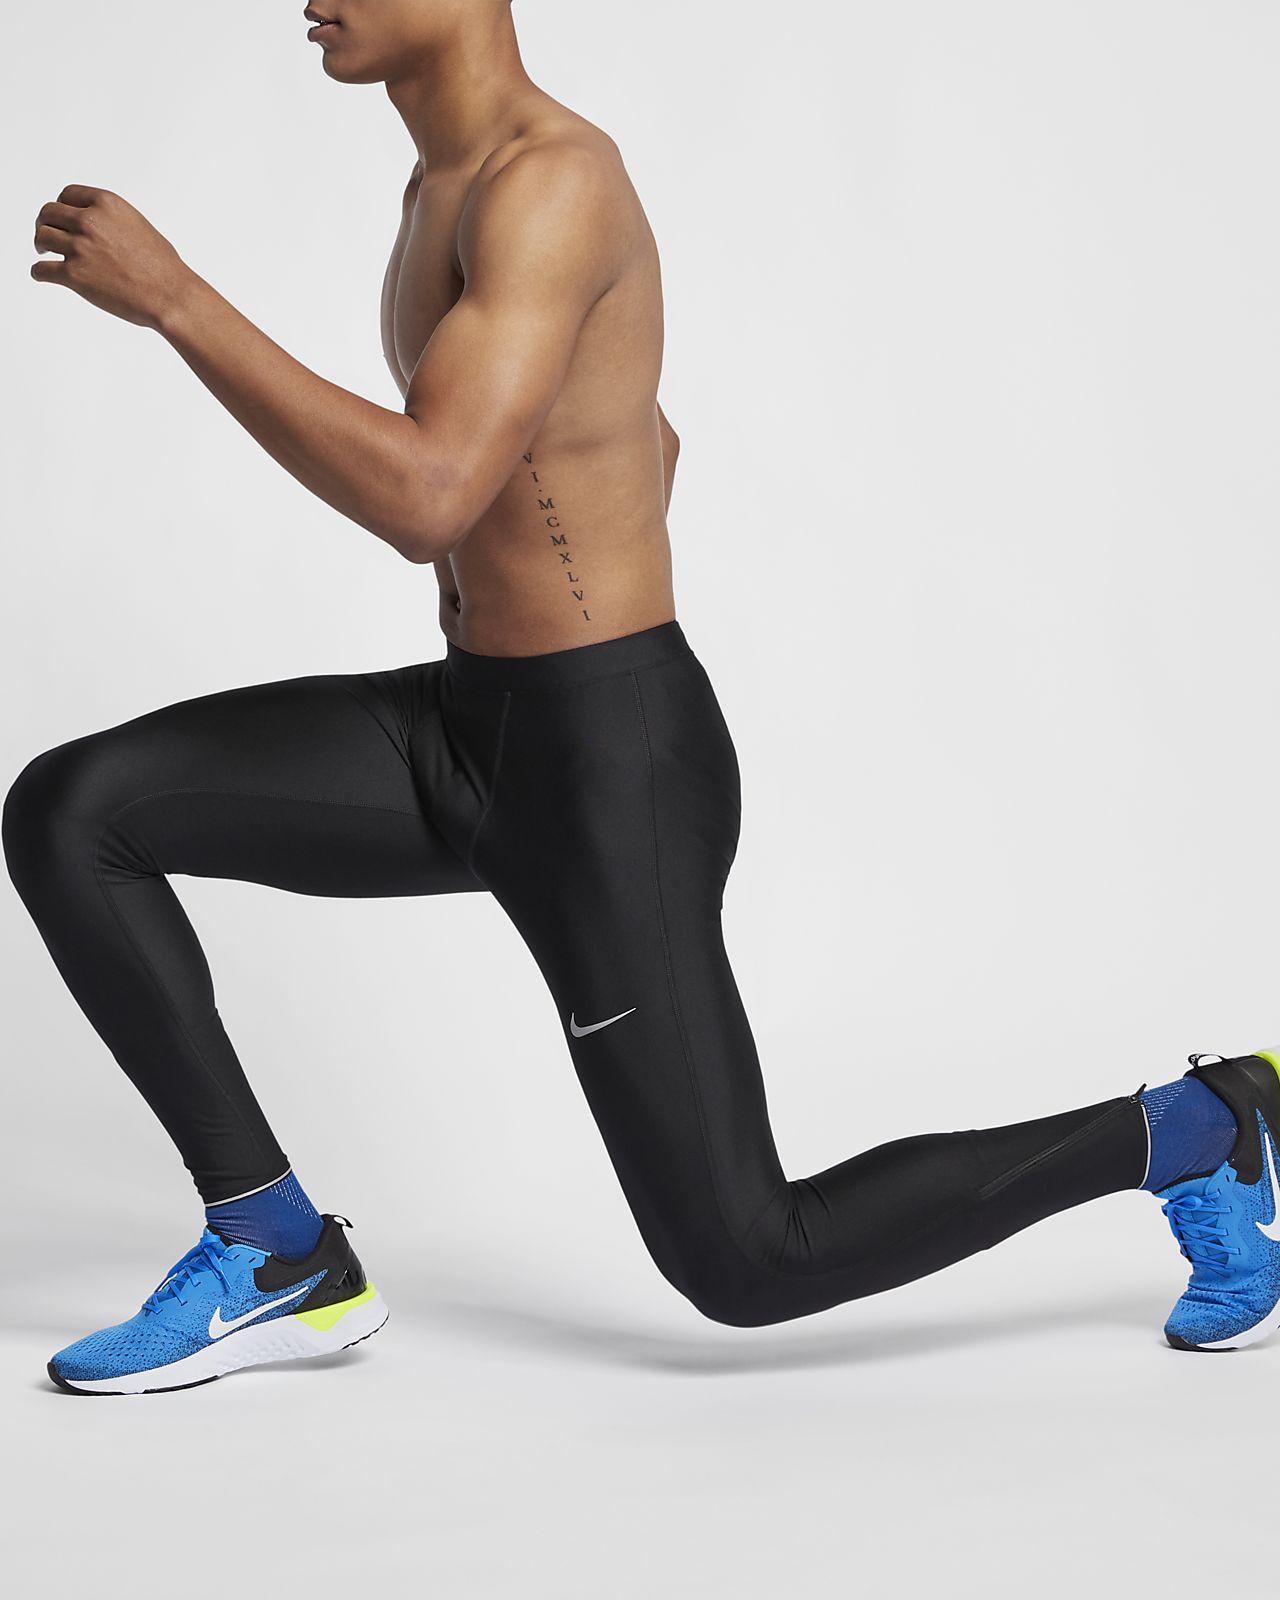 Tights de running Nike para homem